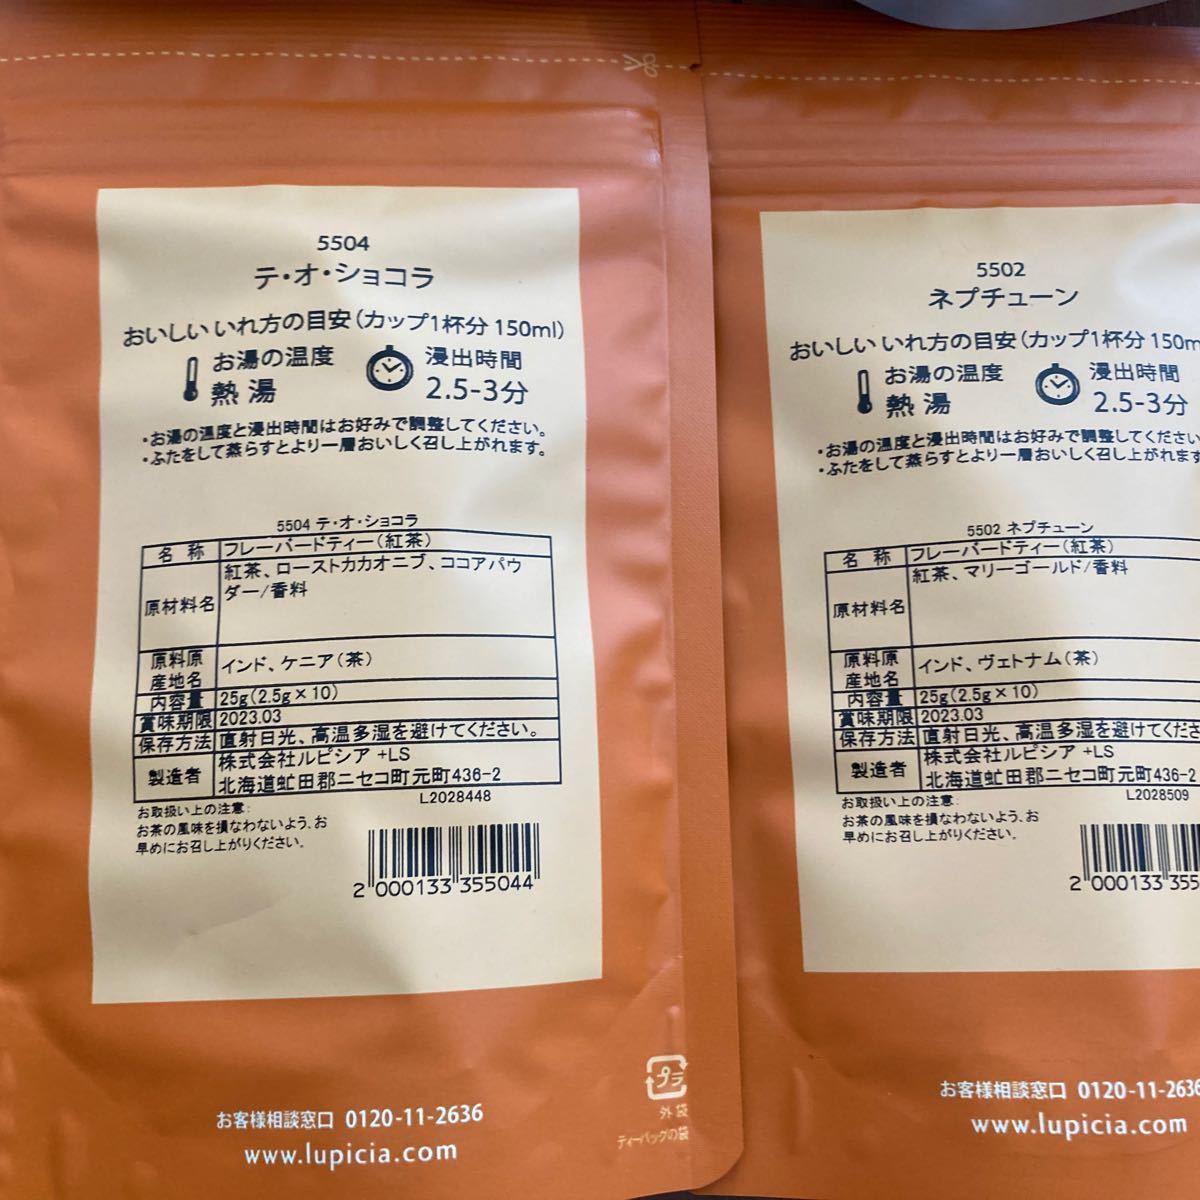 LUPICIA ティーバッグ 紅茶 テ オ ショコラ ネプチューン クッキー ウェディング おまけにコストコ ポップコーン付き